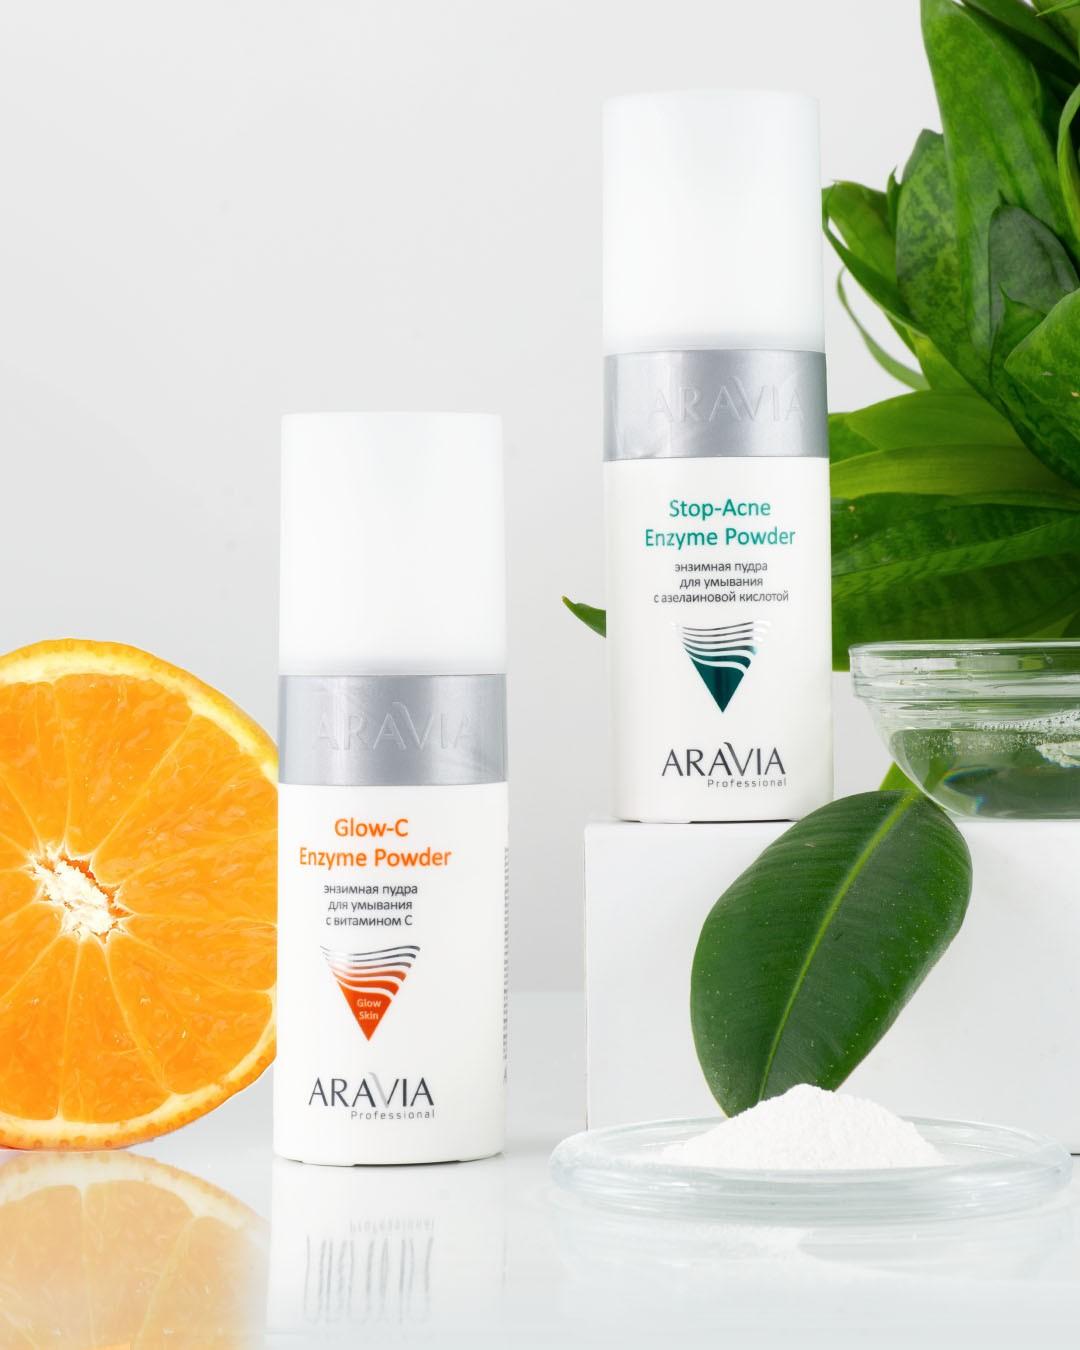 Новинки для совершенной кожи: энзимные пудры Aravia Professional